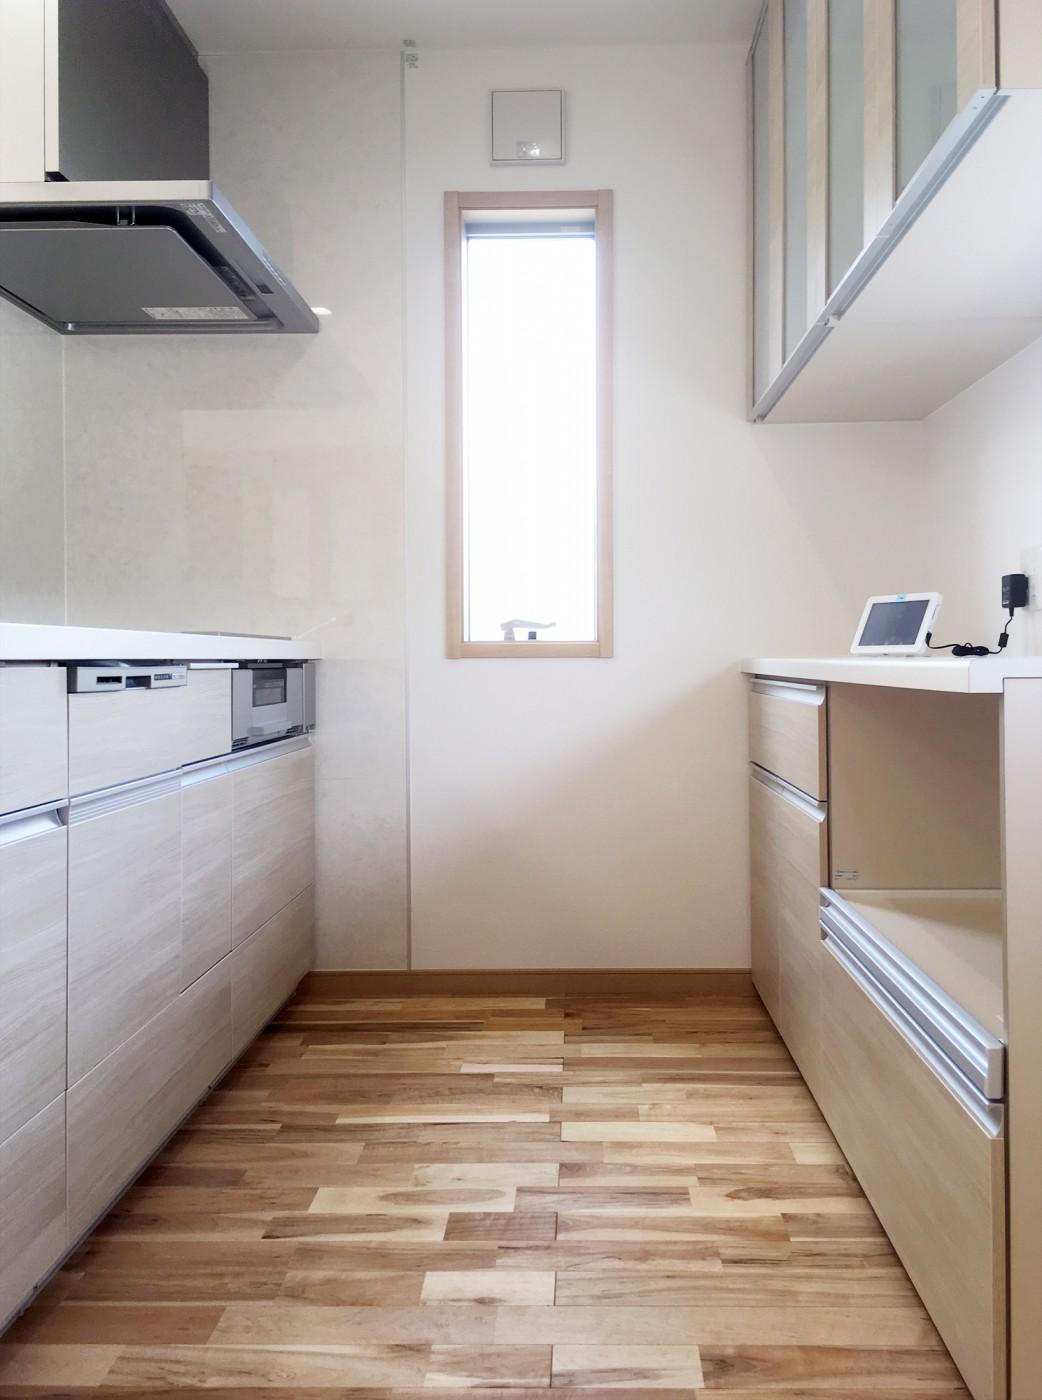 システムキッチン、カップボードは無垢の床とイメージを合わせた扉カラーをチョイス。